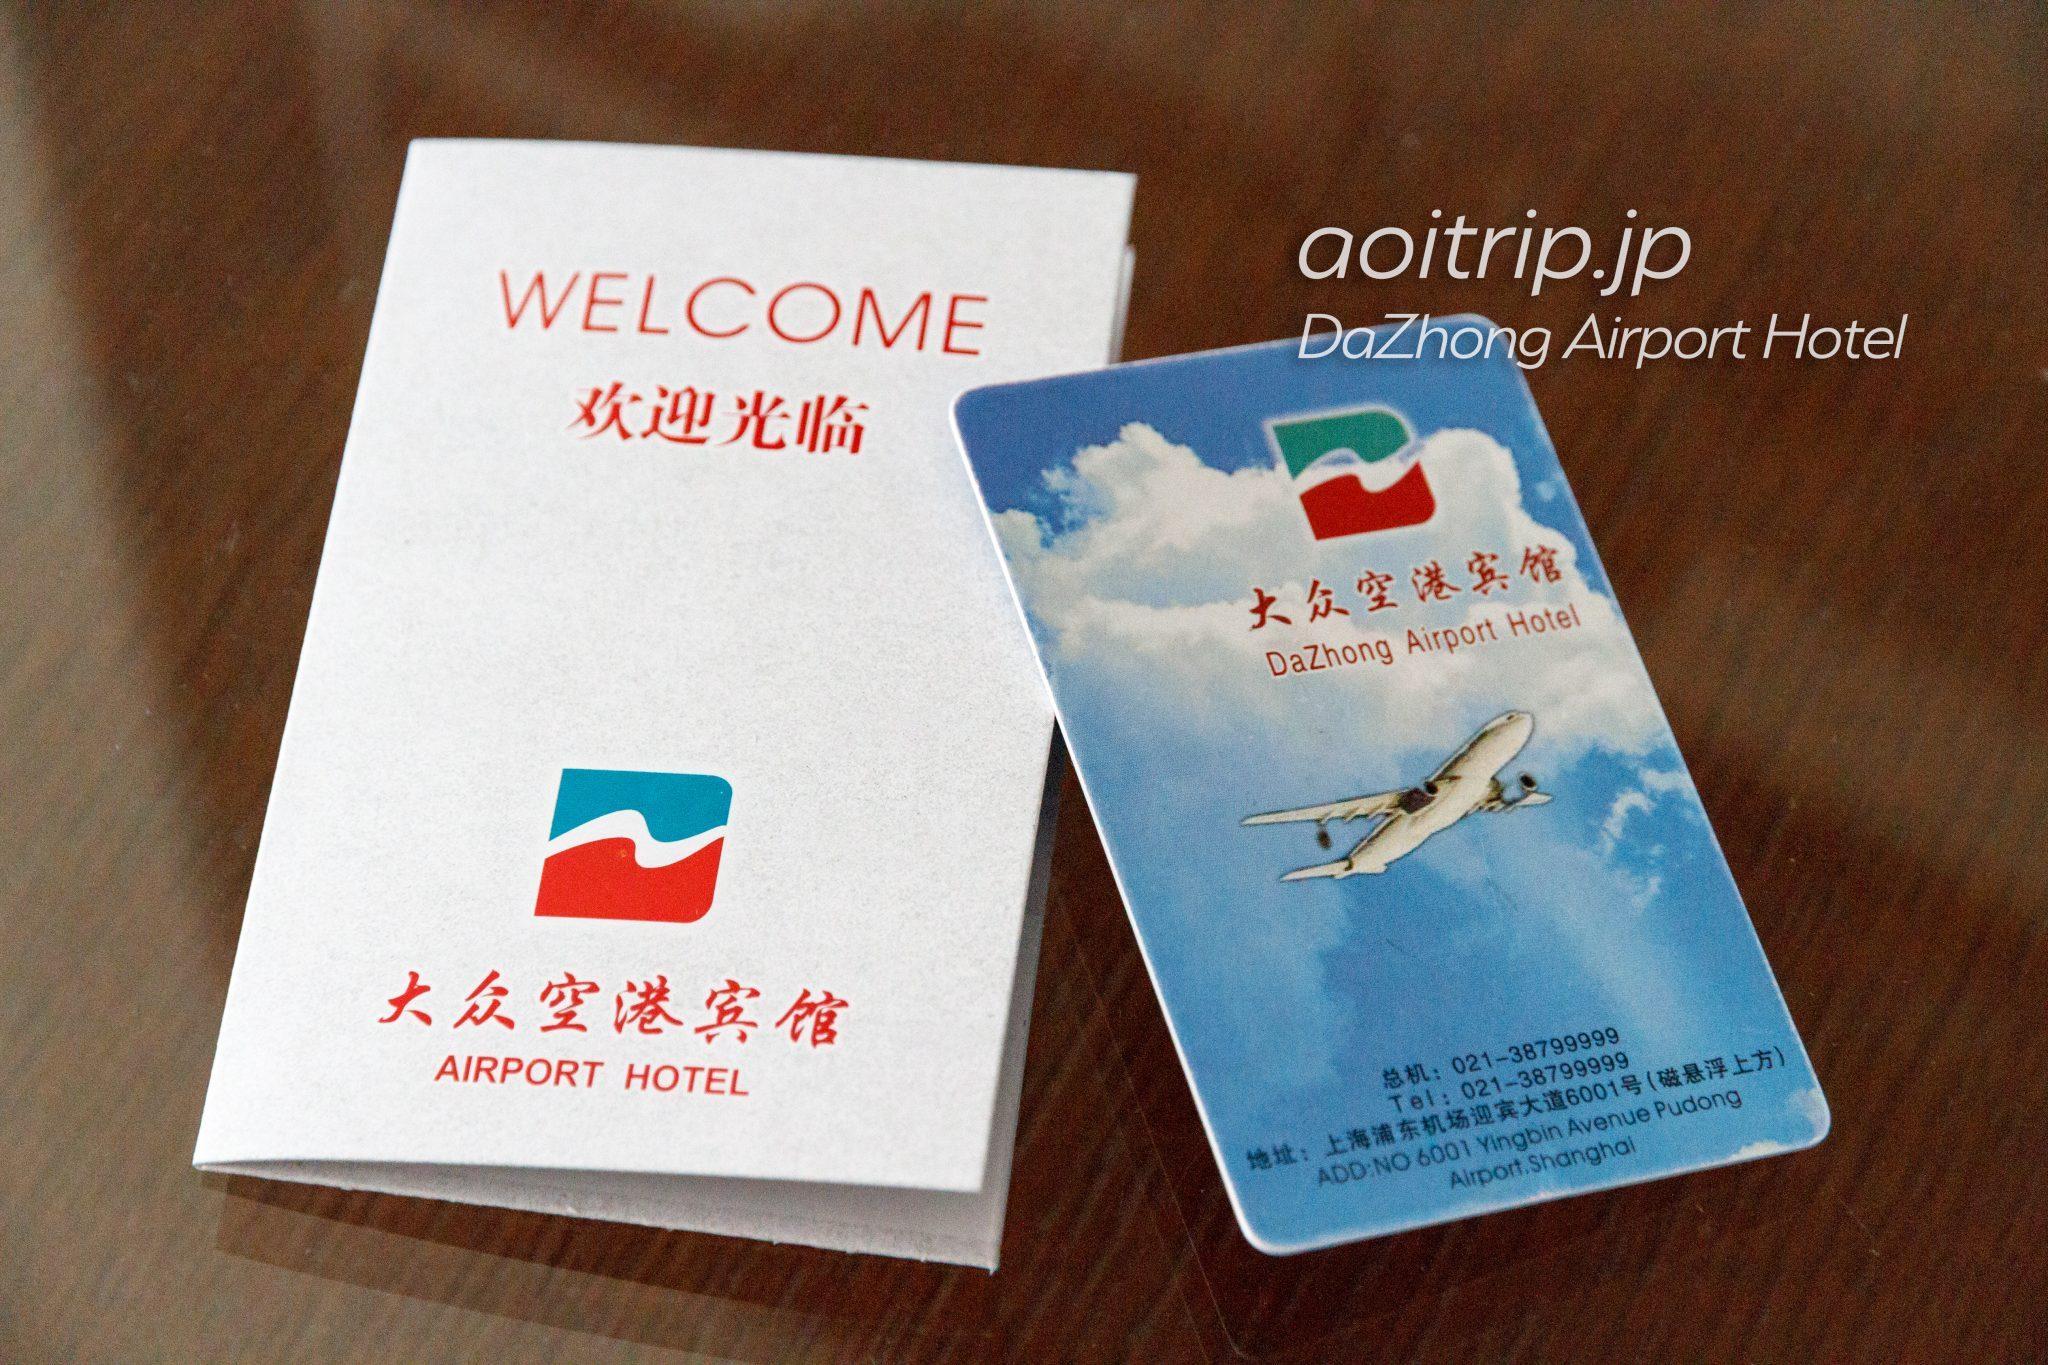 上海浦東空港のホテル ダージョンエアポートホテル ルームカードキー